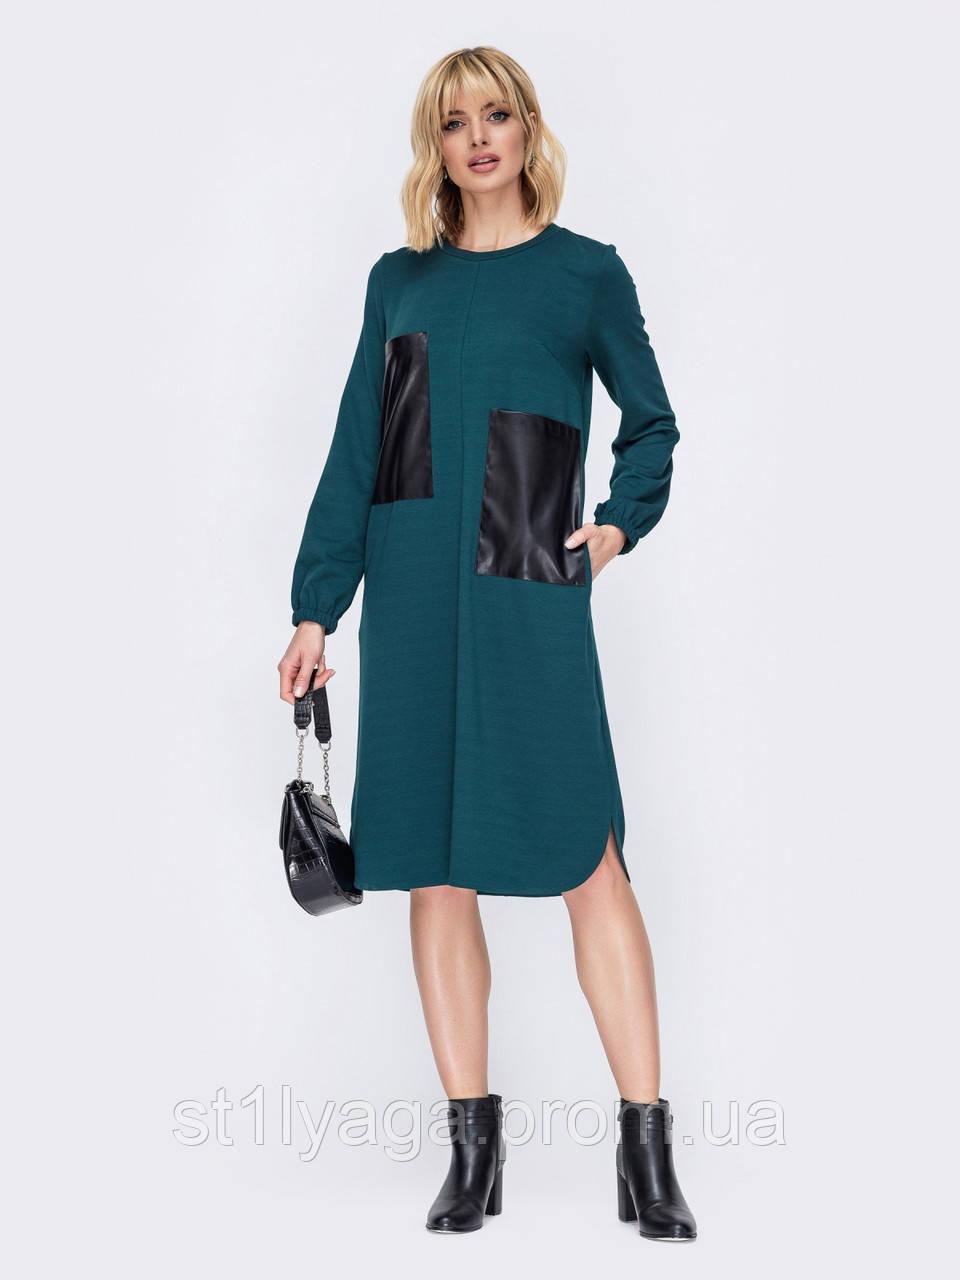 Платье миди прямого кроя с накладными карманами из эко-кожи